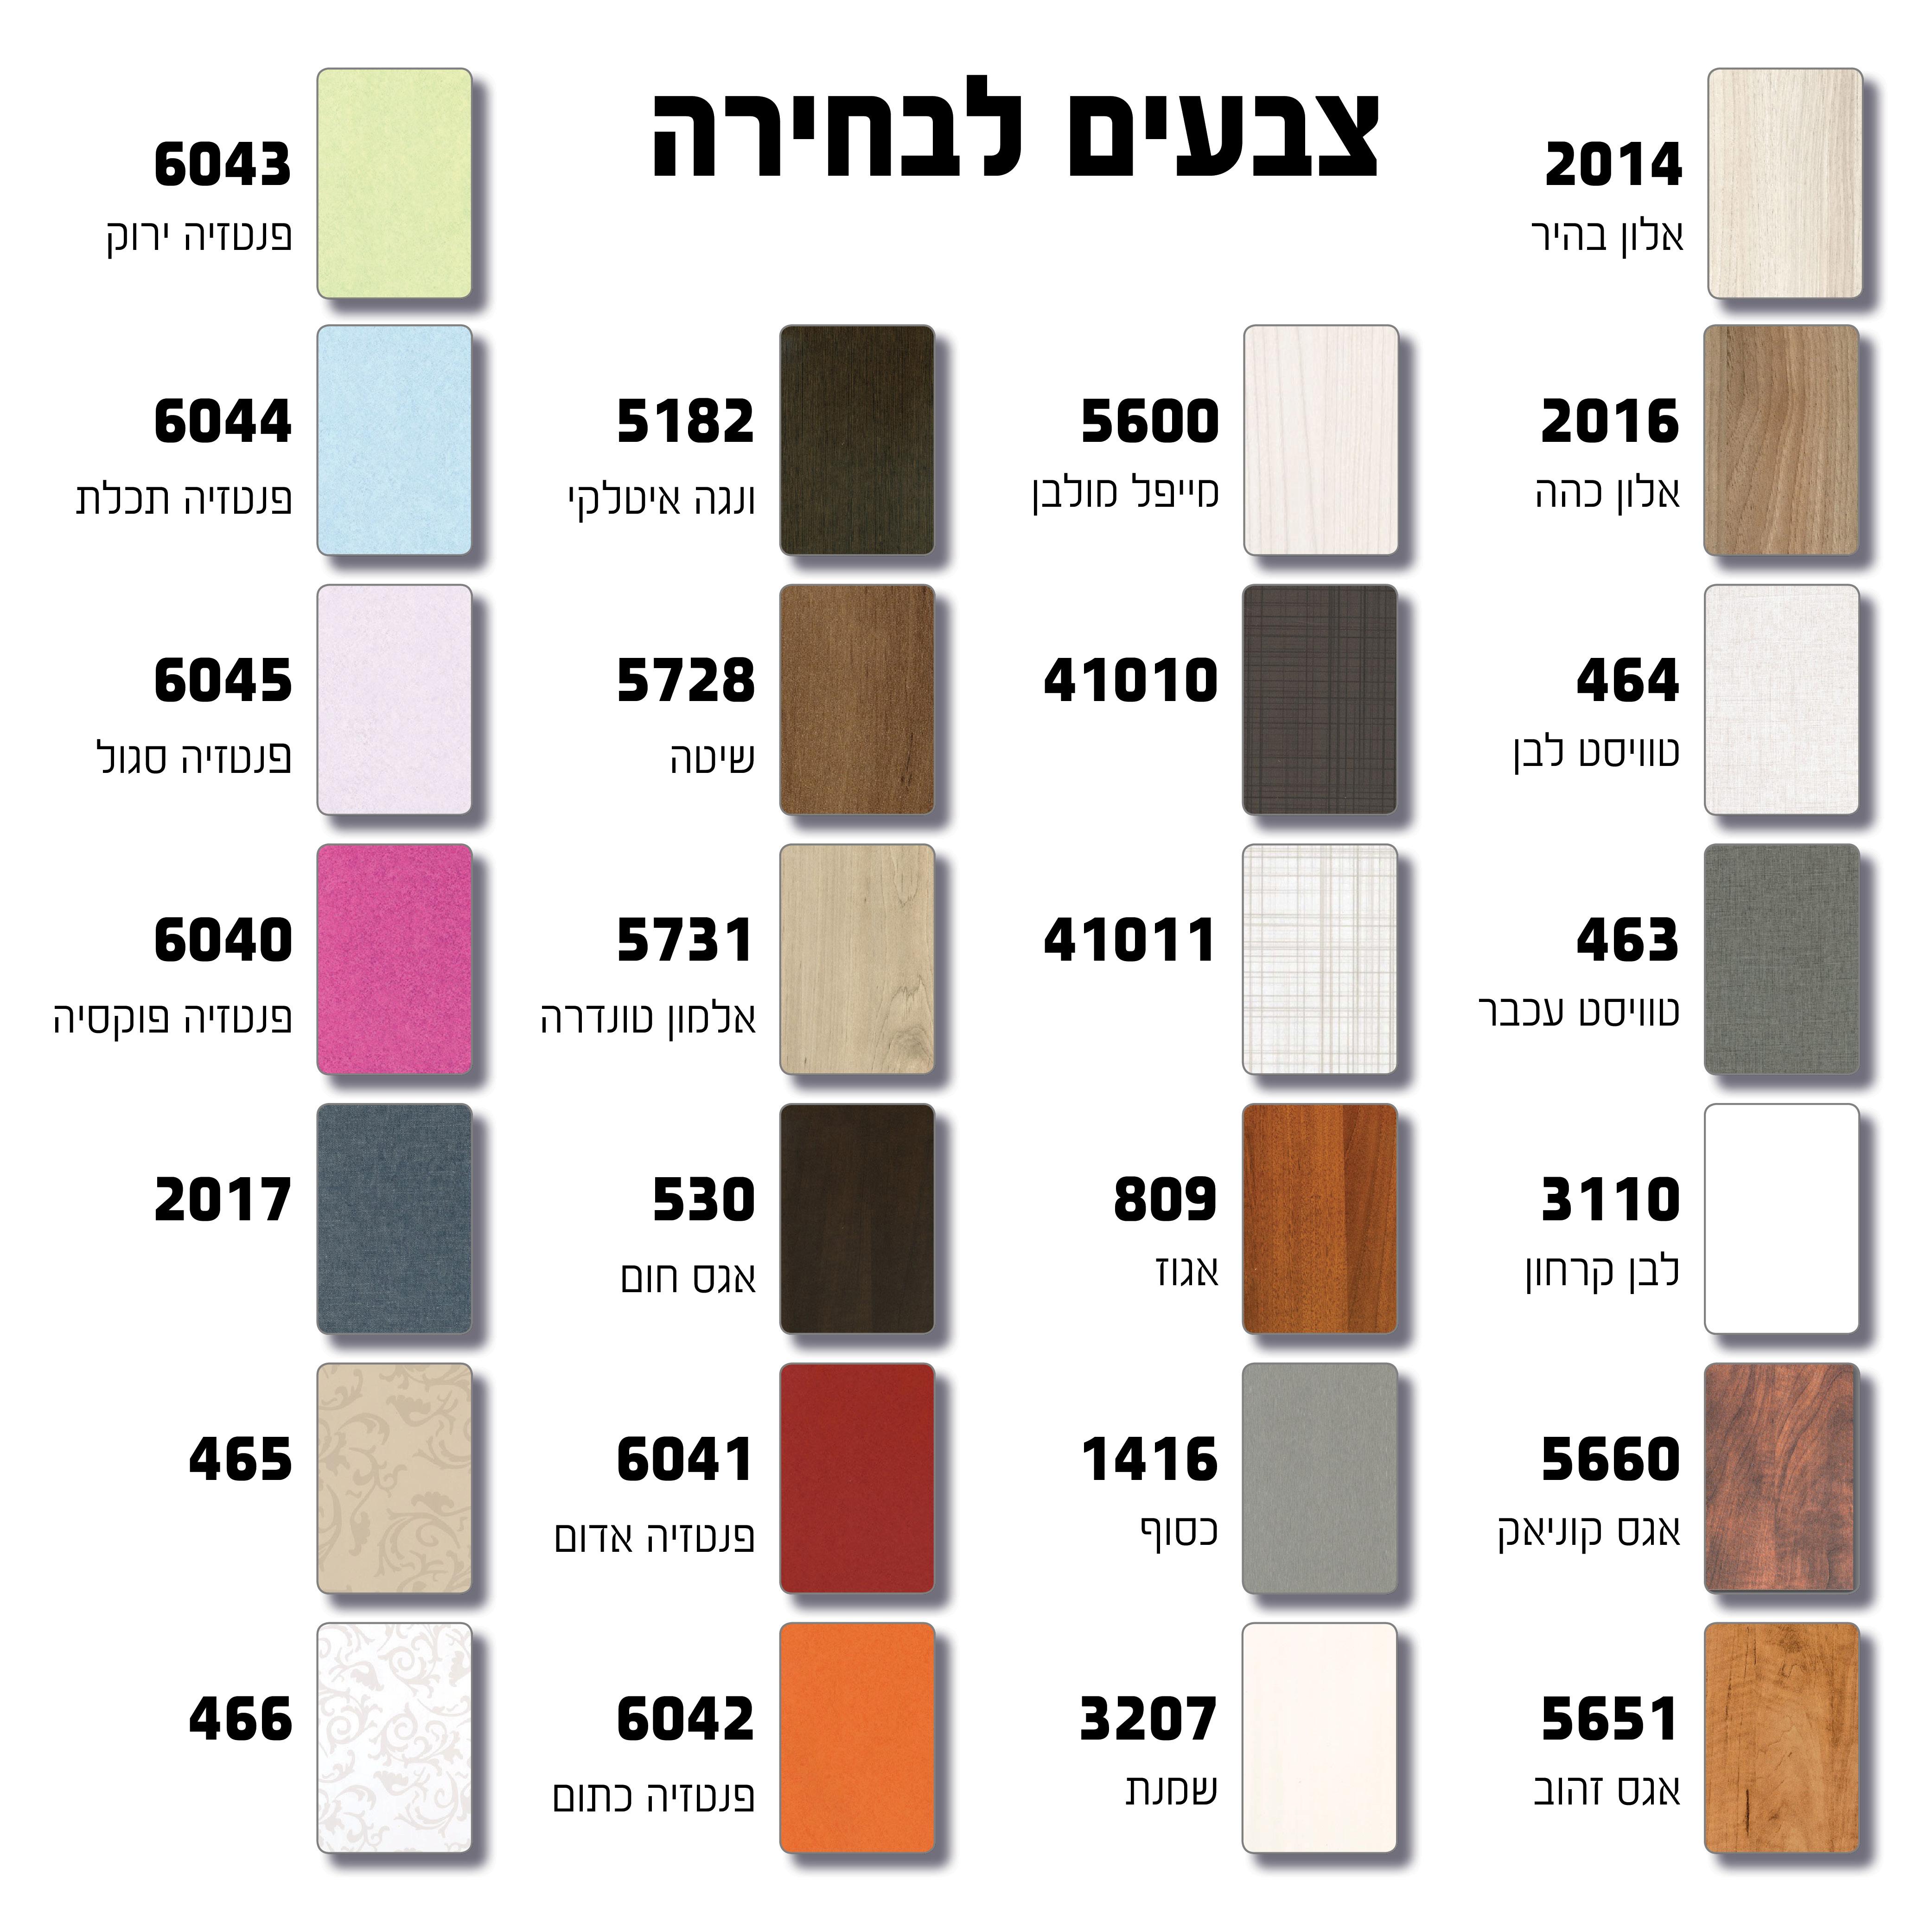 מיטה יהודית עם ראשים נפרדים כולל ארגזי מצעים